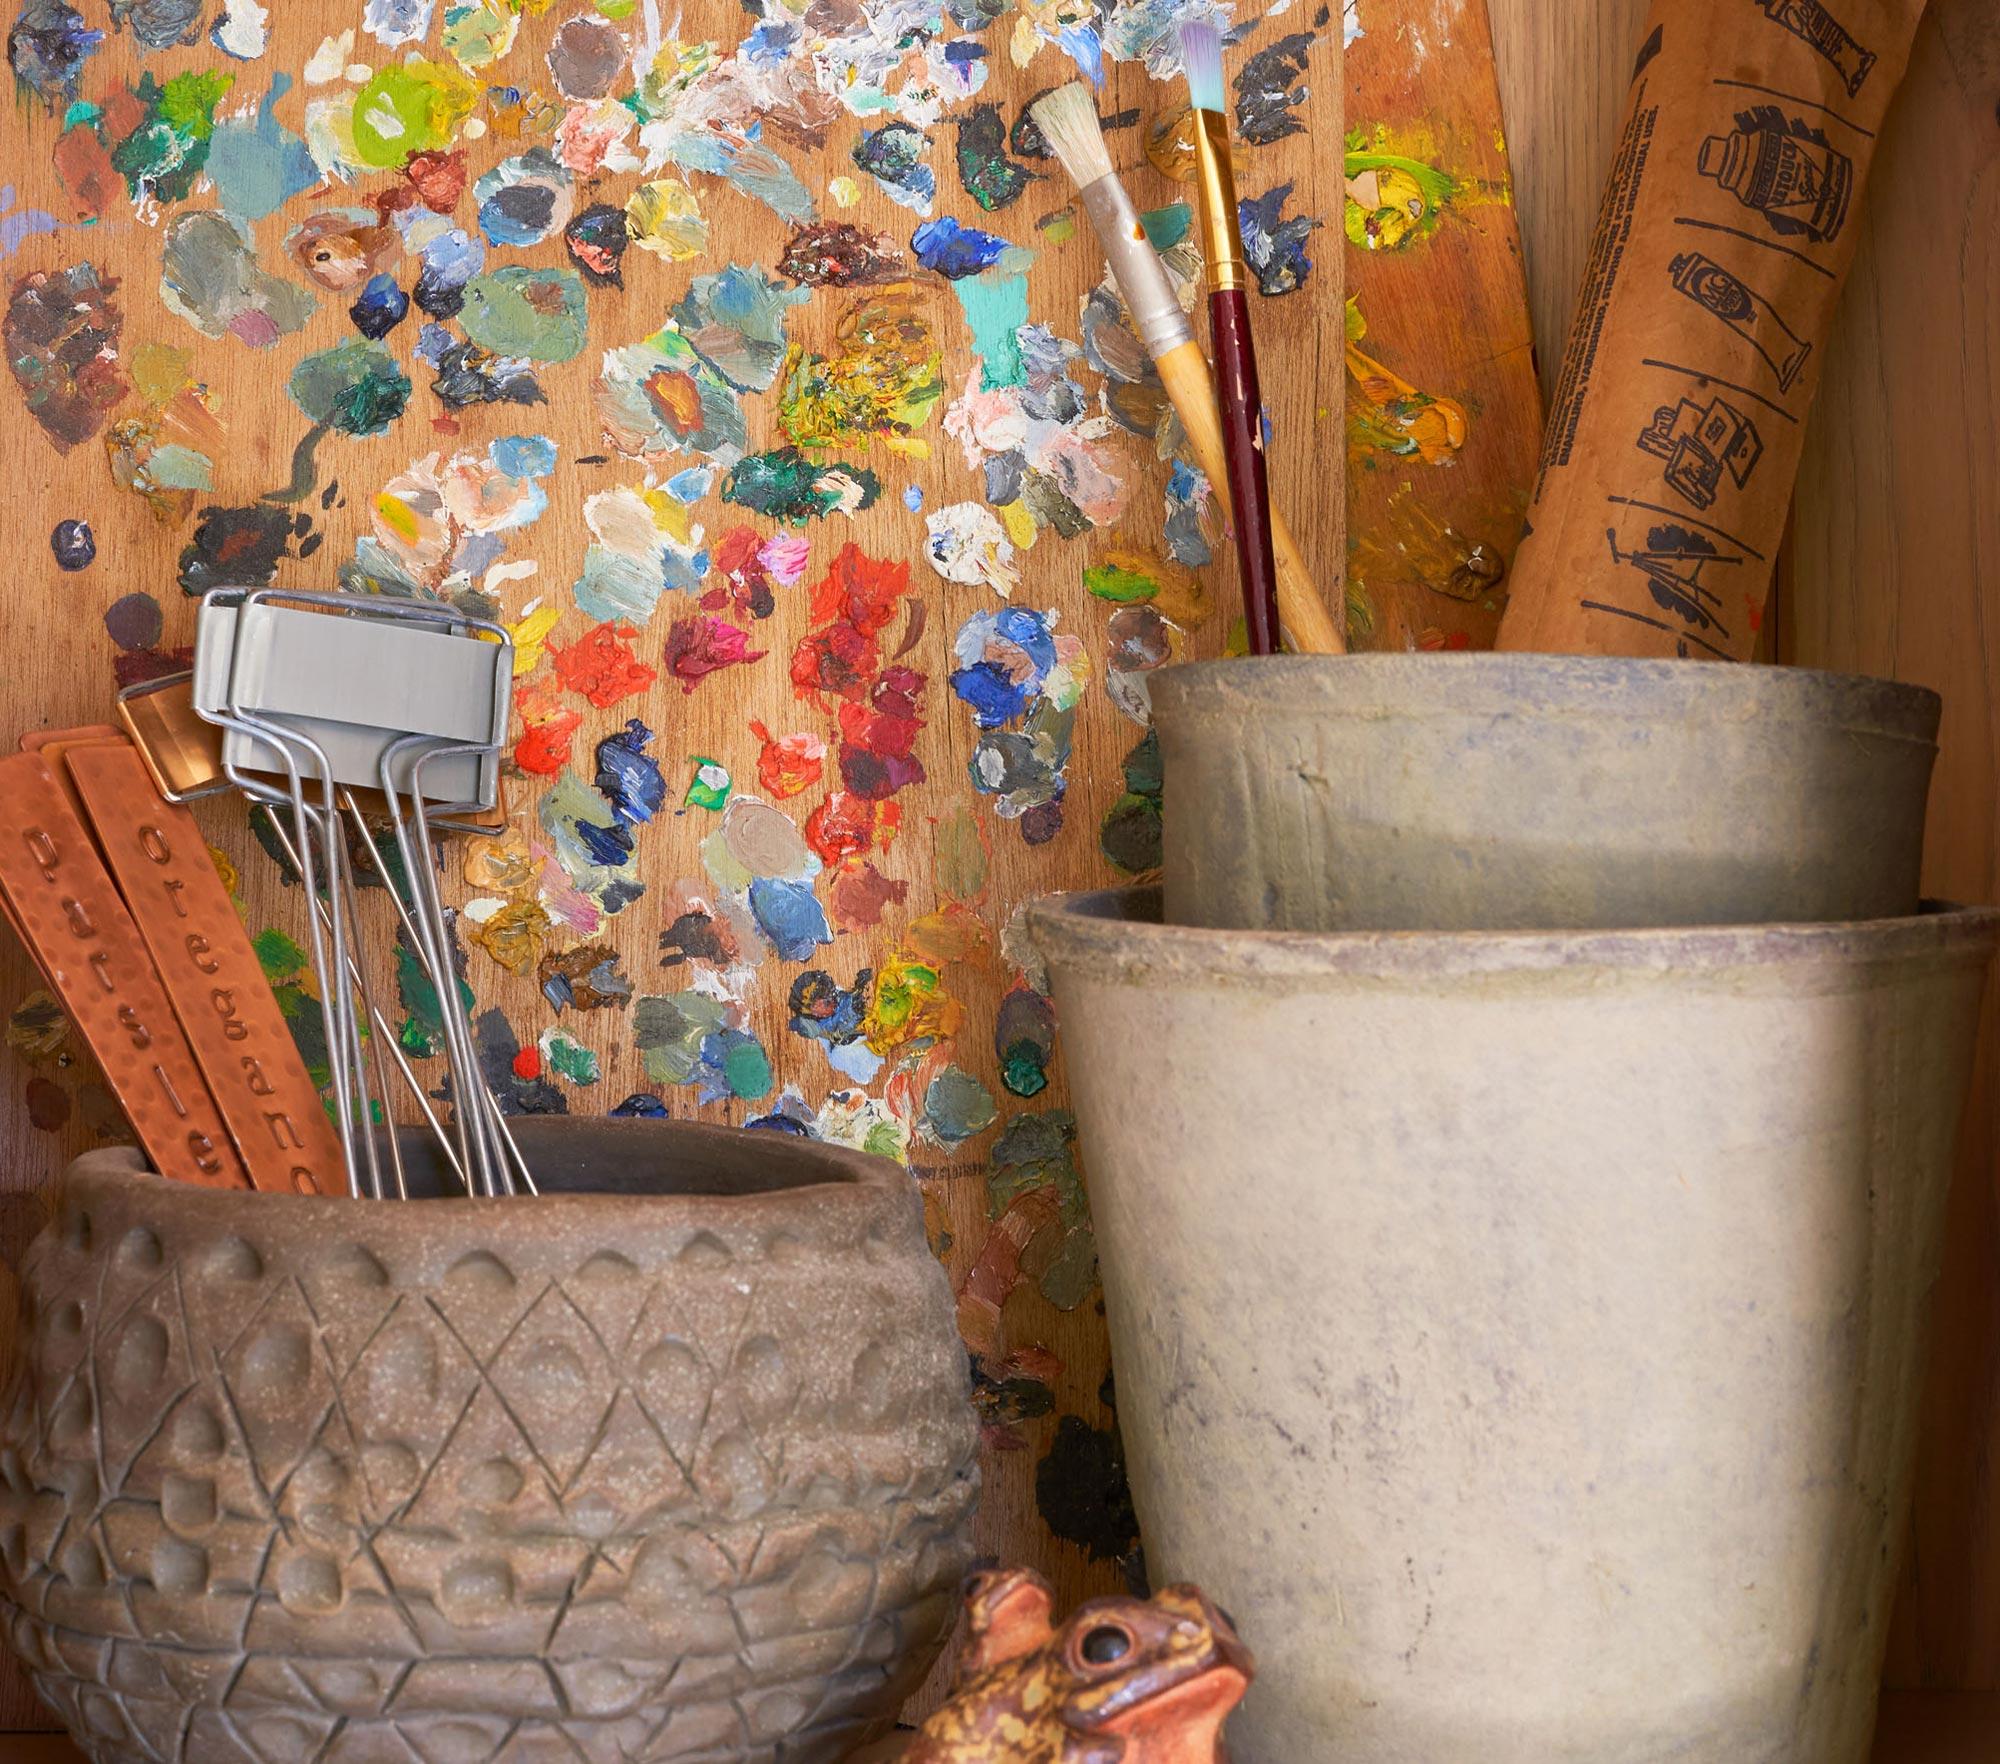 Potting shed art